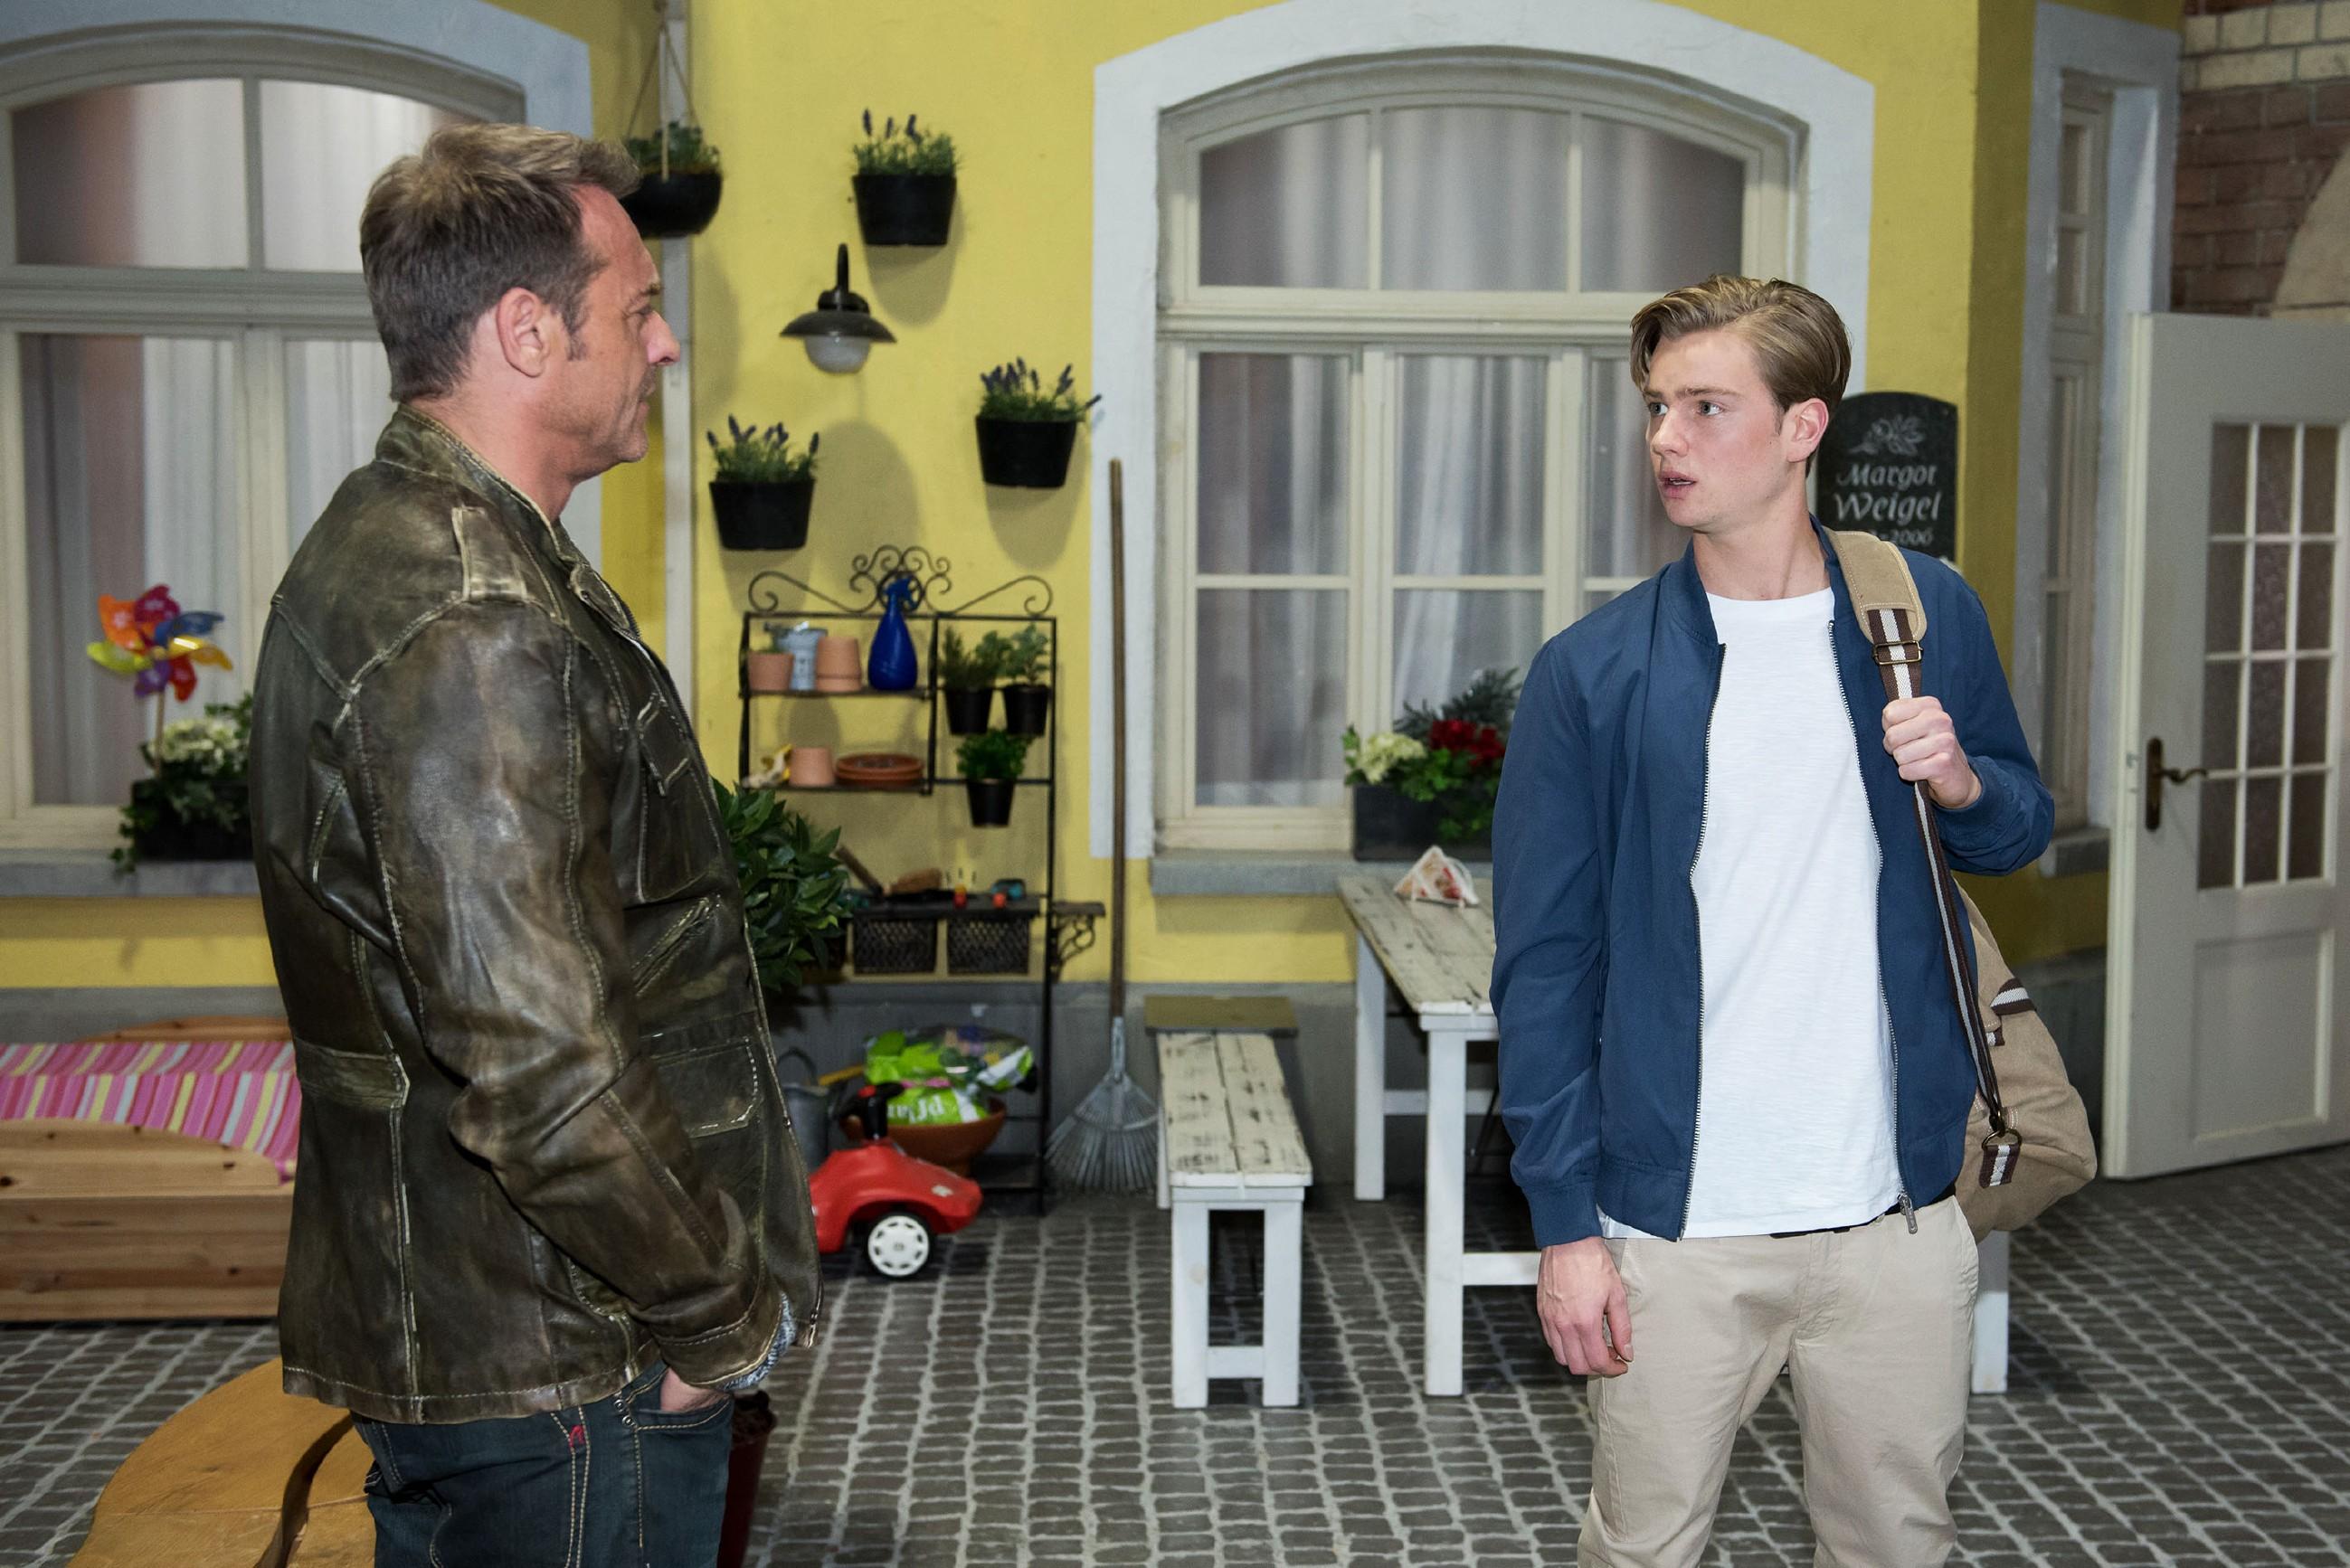 Rufus (Kai Noll, l.) wird skeptisch auf einen fremden jungen Mann (Aaron Koszuta) in der Schillerallee aufmerksam. (Quelle: RTL / Stefan Behrens)